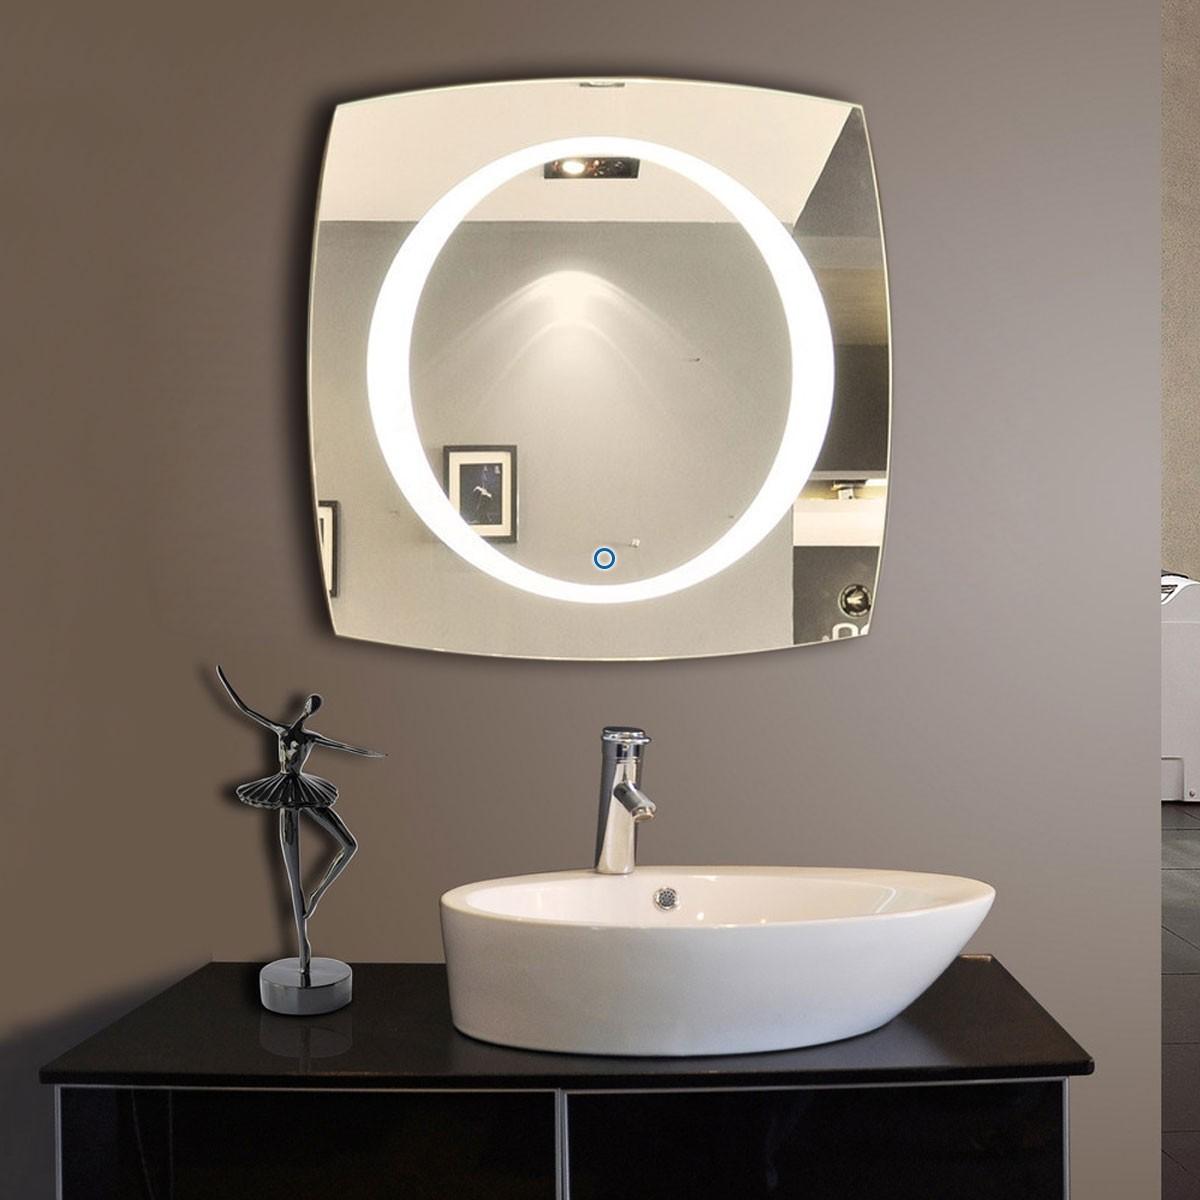 40 x 40 po miroir de salle de bain LED vertical avec bouton tactile (DK-OD-N006)